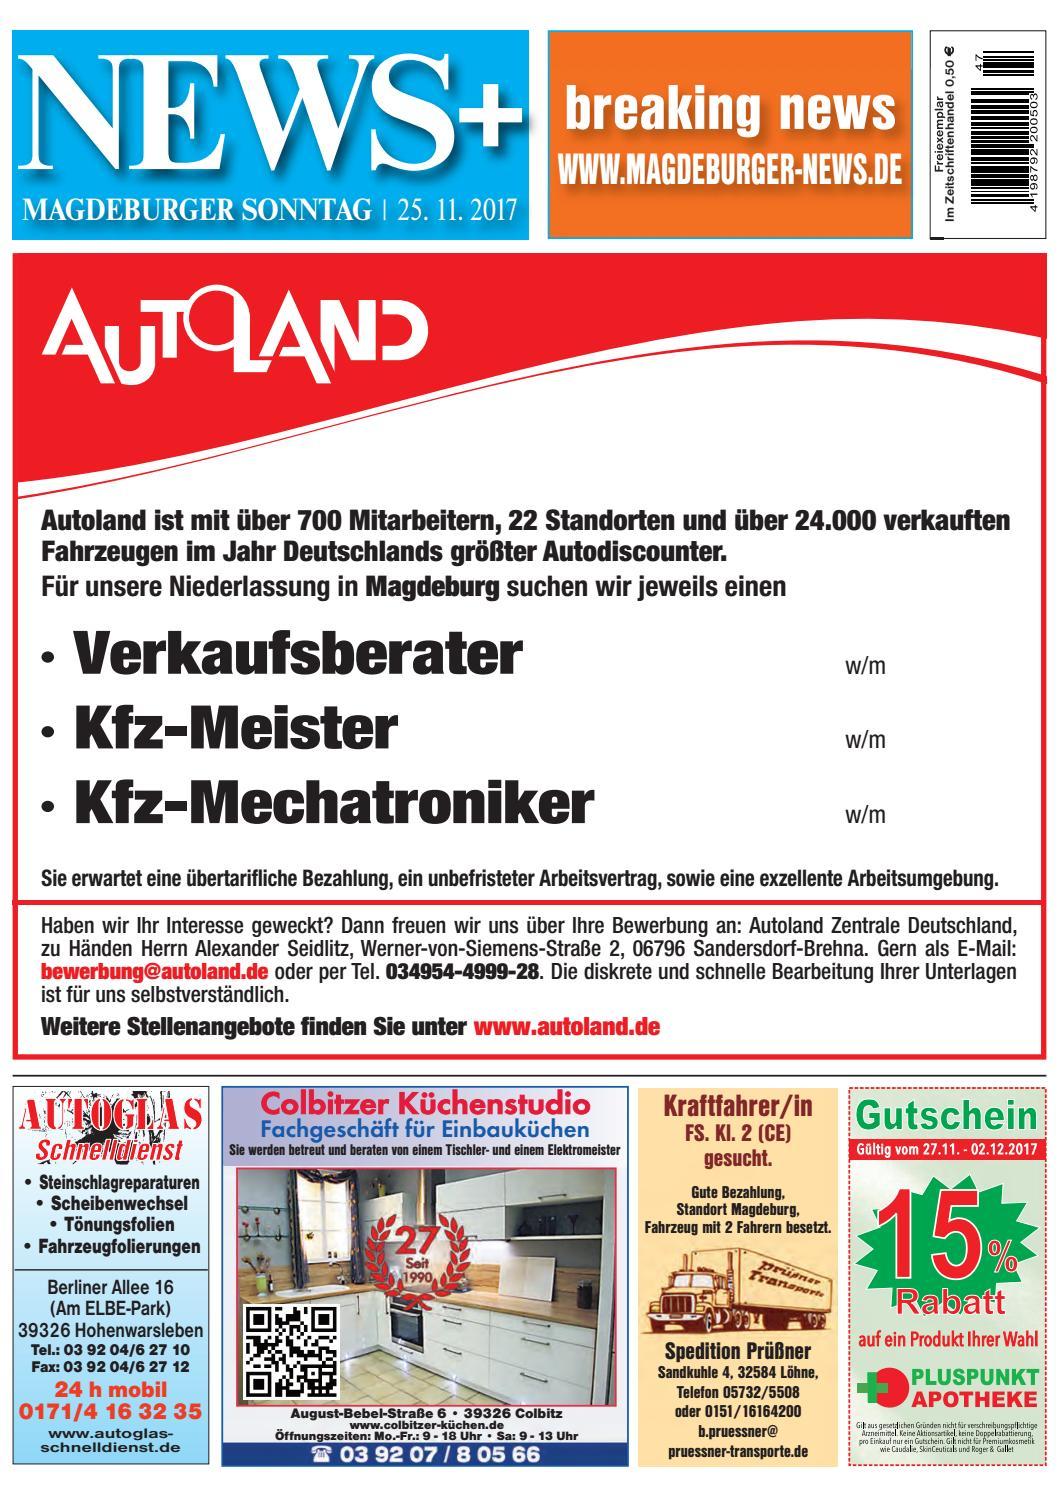 Bingo Teilnehmende Bundesländer - 77234